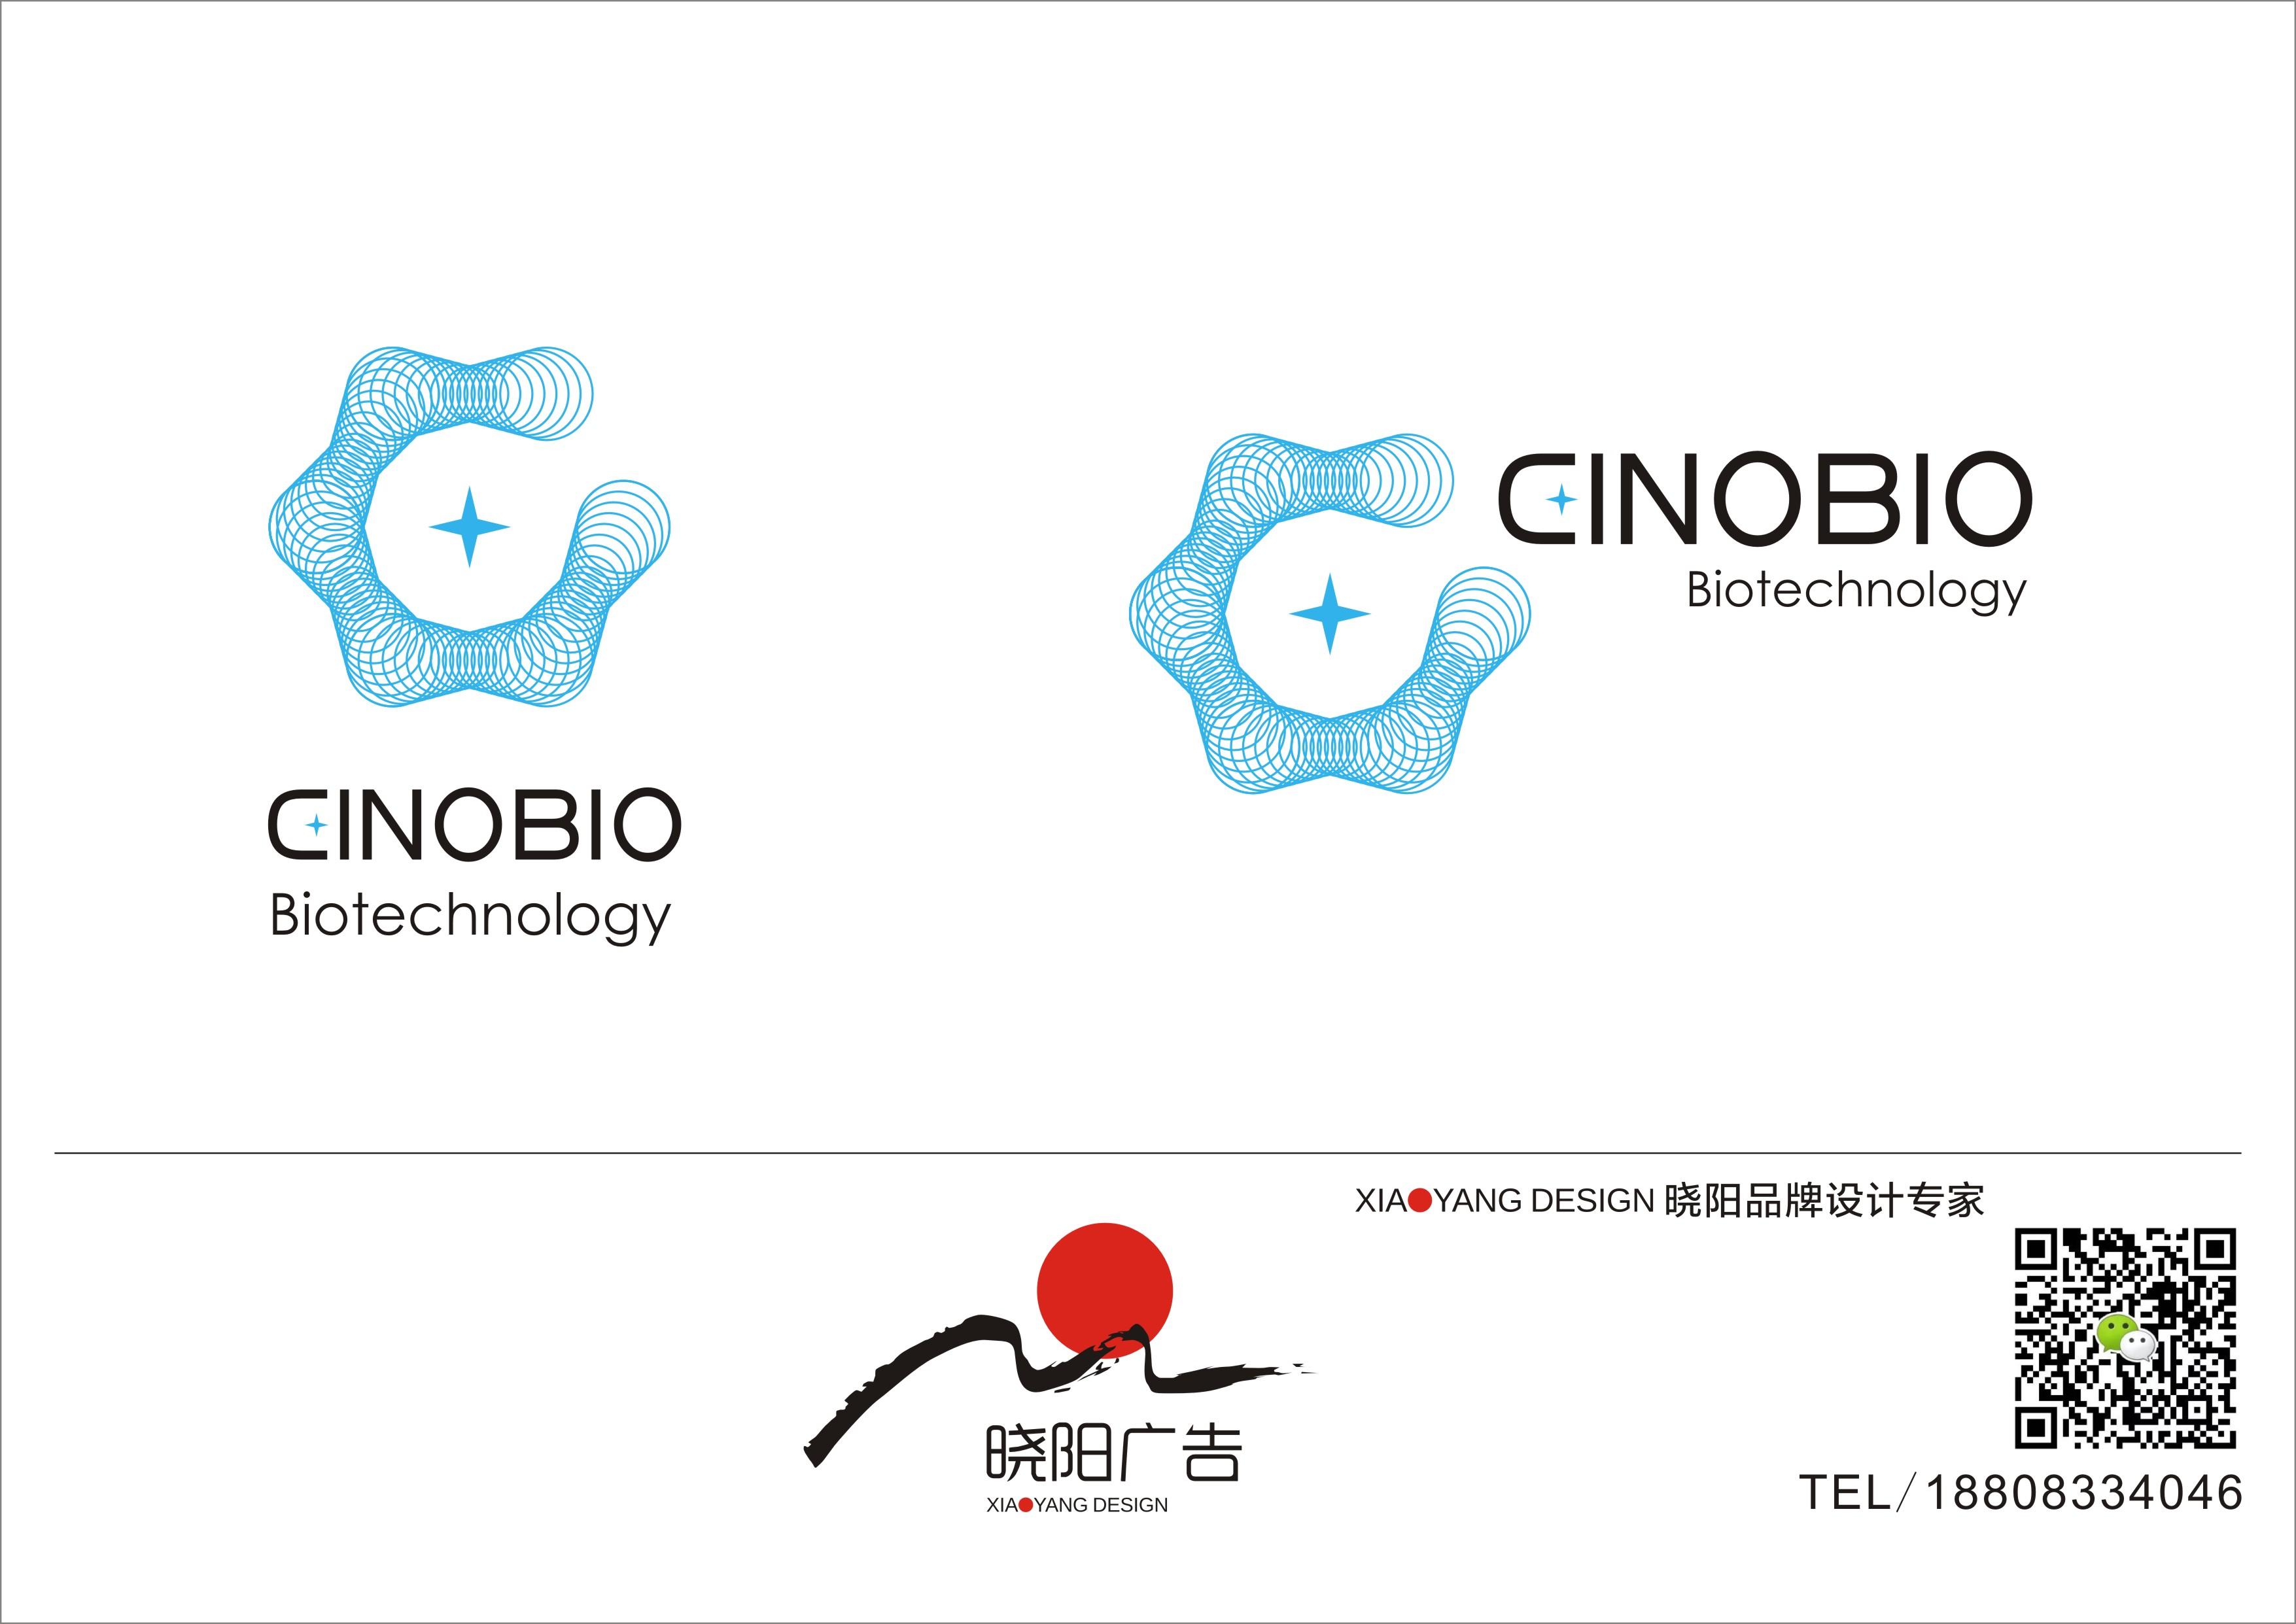 微生物科技公司logo设计_3018599_k68威客网